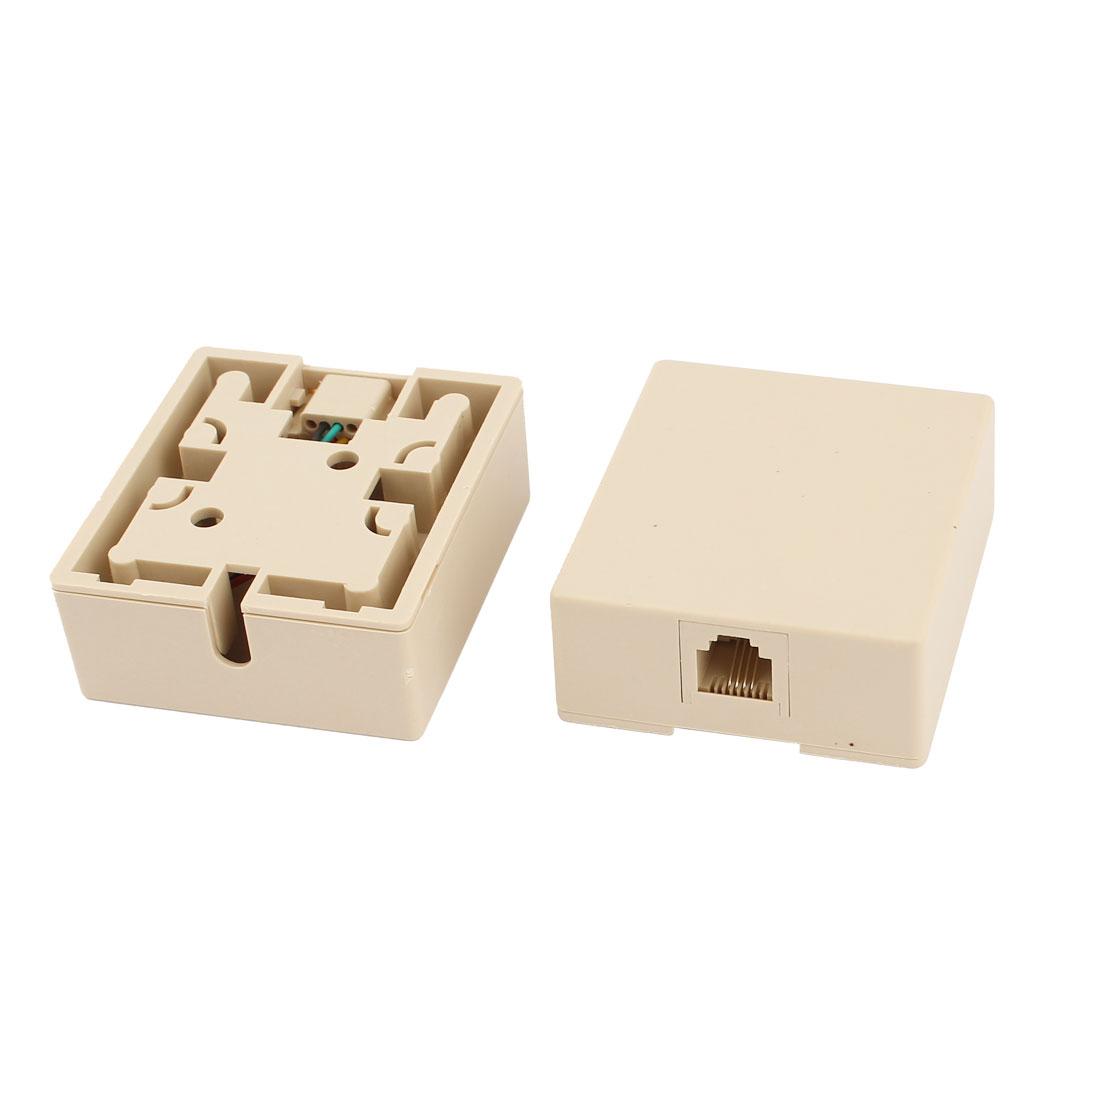 2 Pcs Plastic Shell Female RJ11 Plug Modular Phone Jack Block Box Beige